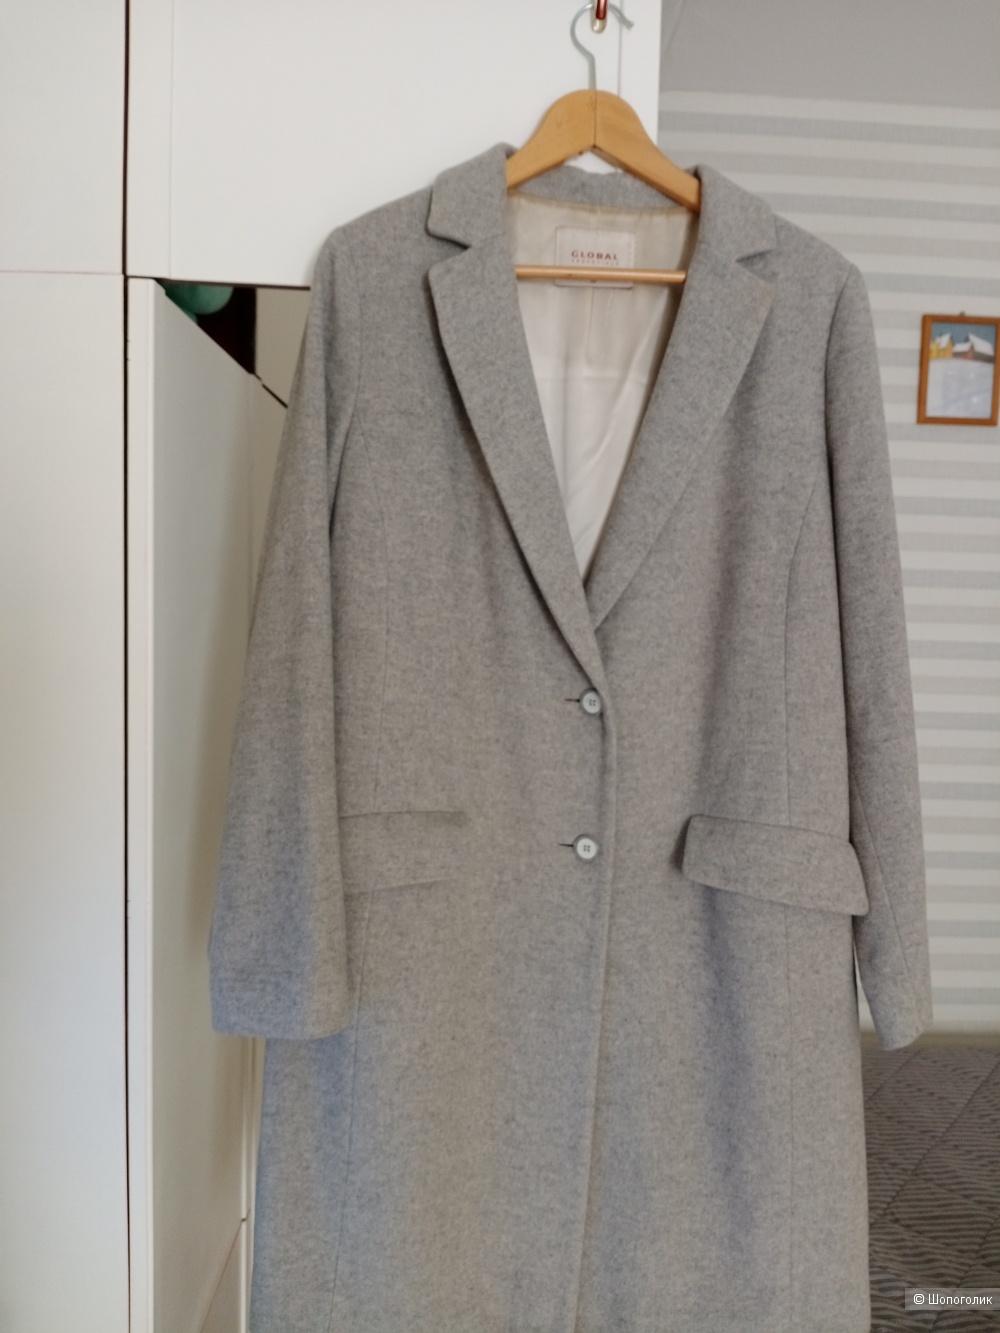 Пальто GLOBAL, 52-54 размер